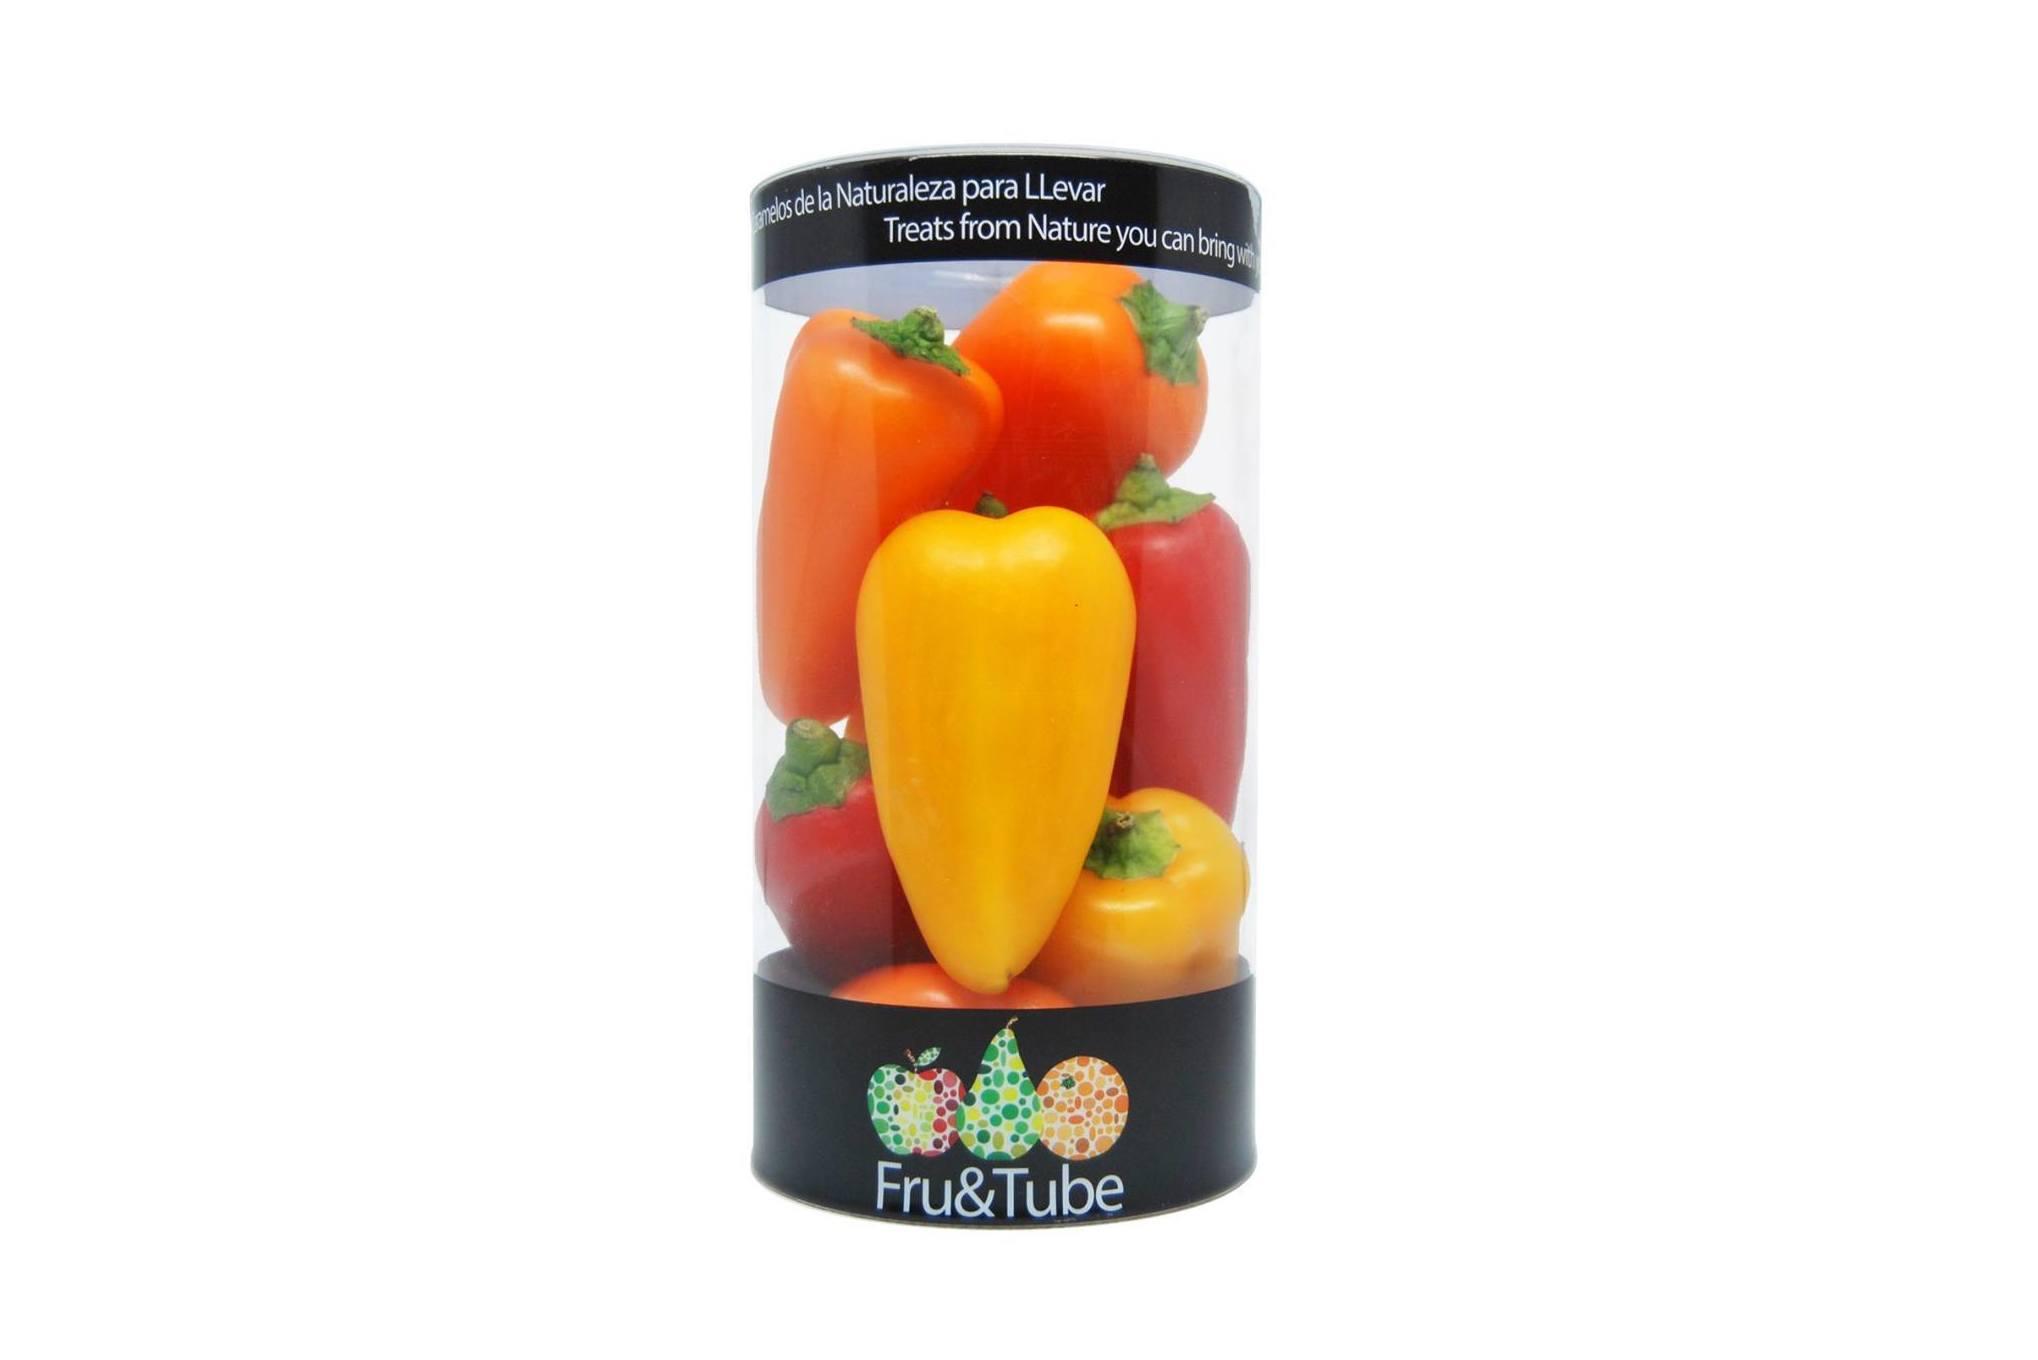 Verdura para máquinas de vending